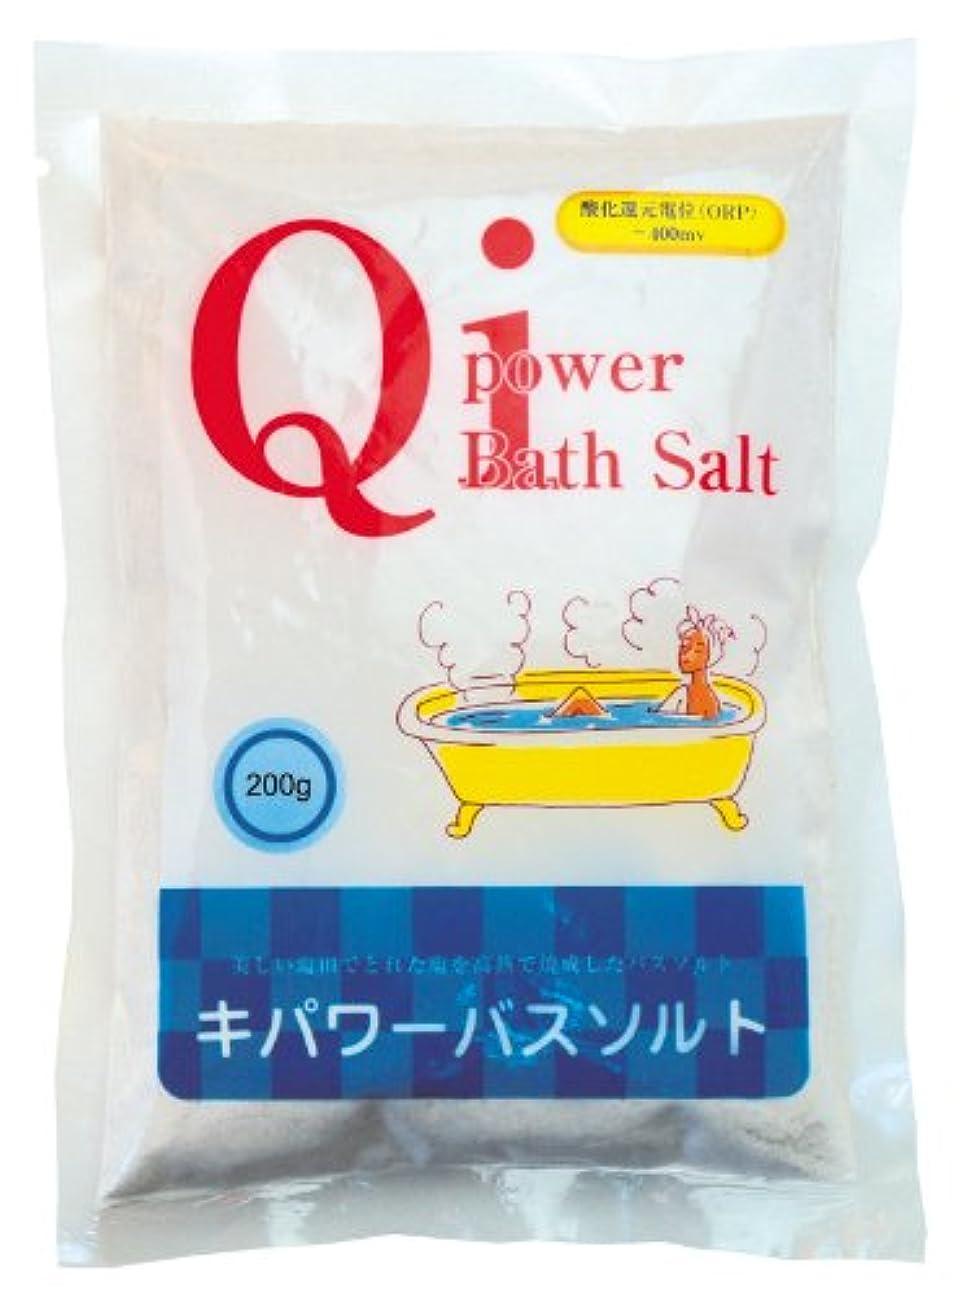 適応的花輪爵キパワー 天日塩を独自高温焼成 キパワーバスソルト 200g 12セット